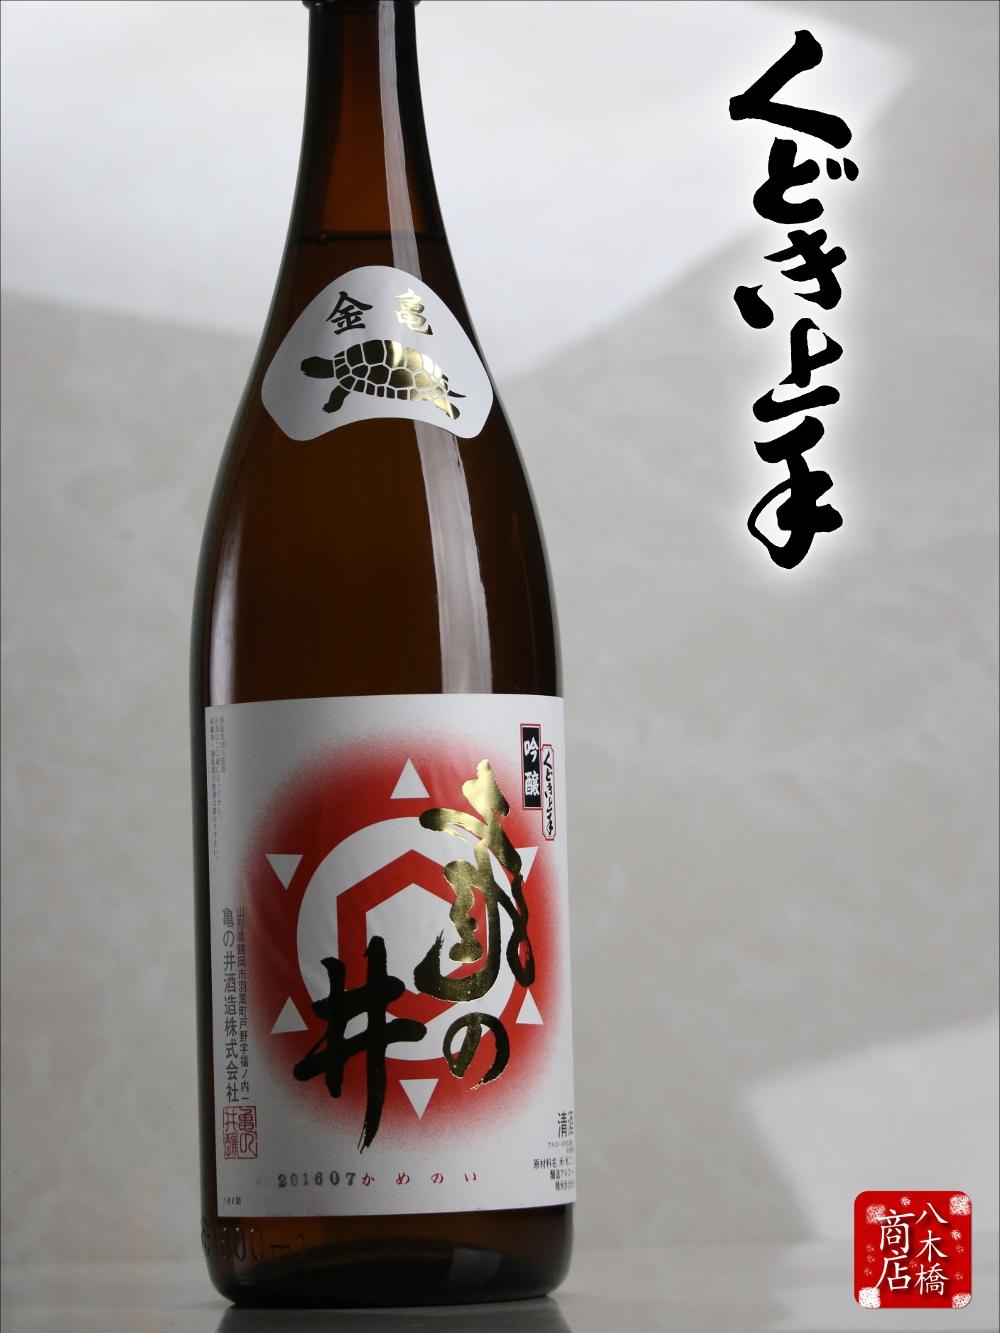 山形を代表する吟醸酒蔵【亀の井 金亀 吟醸酒(火入れ)】1.8L【通年出荷】